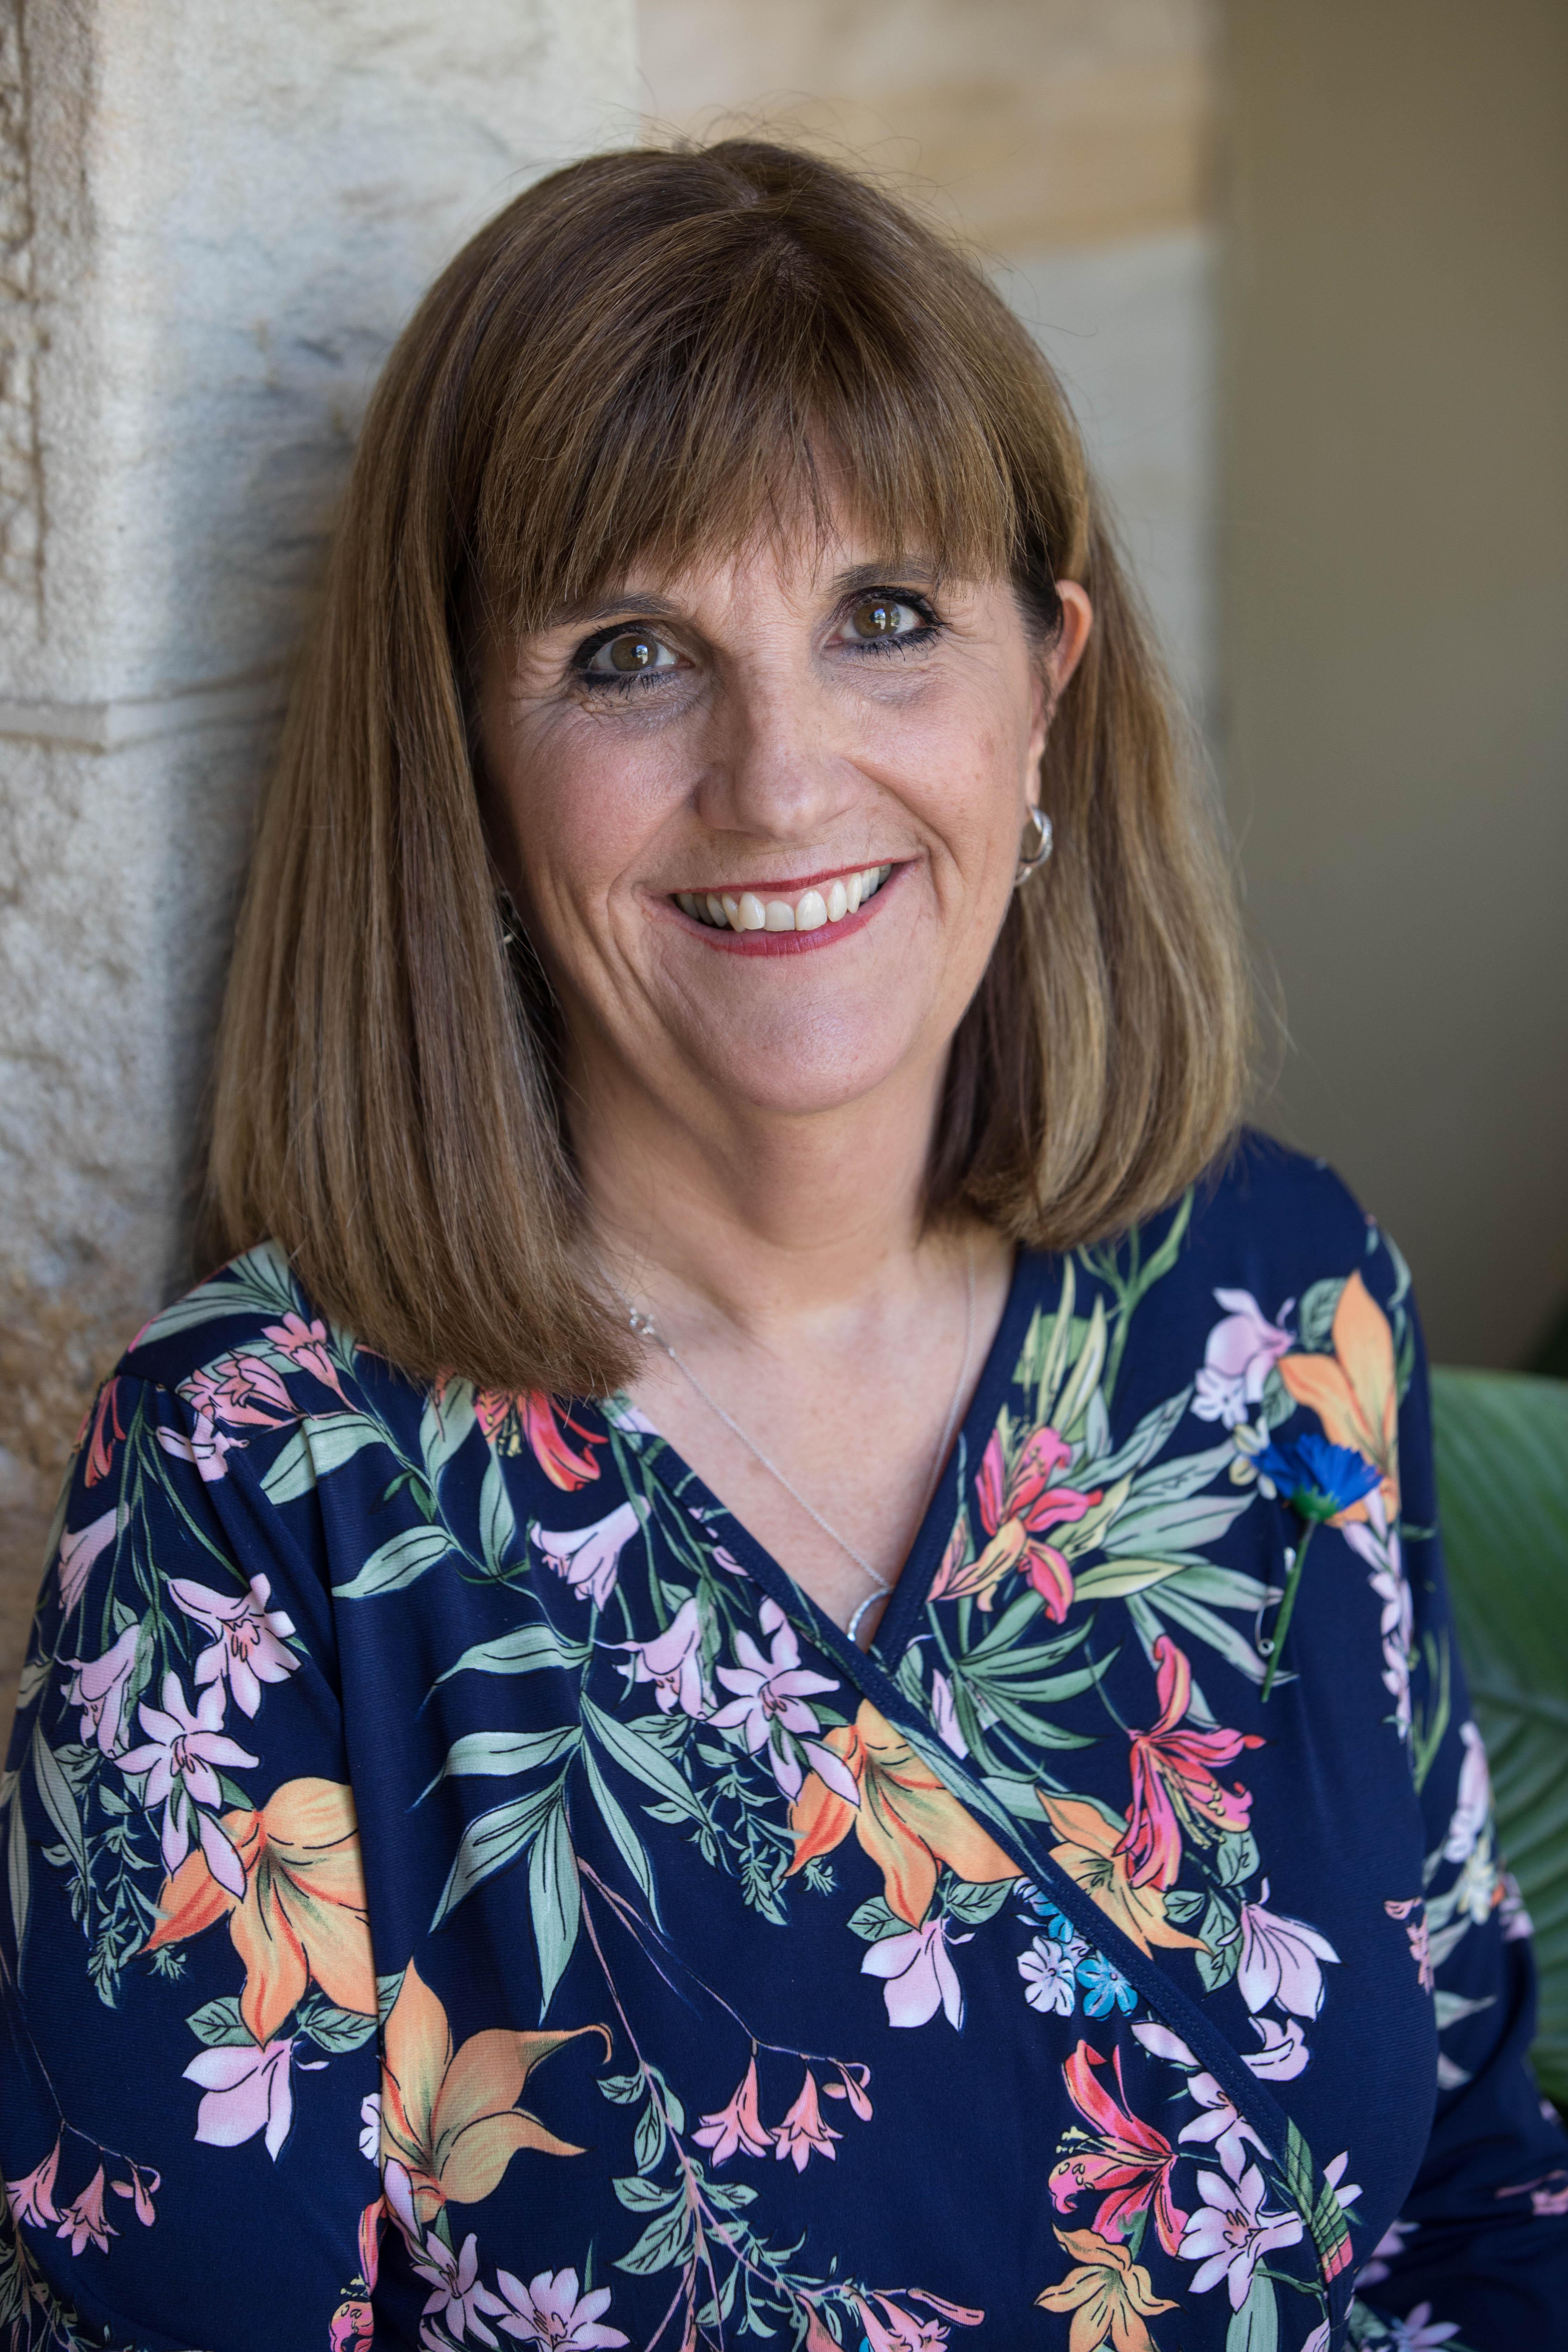 Carol Birks